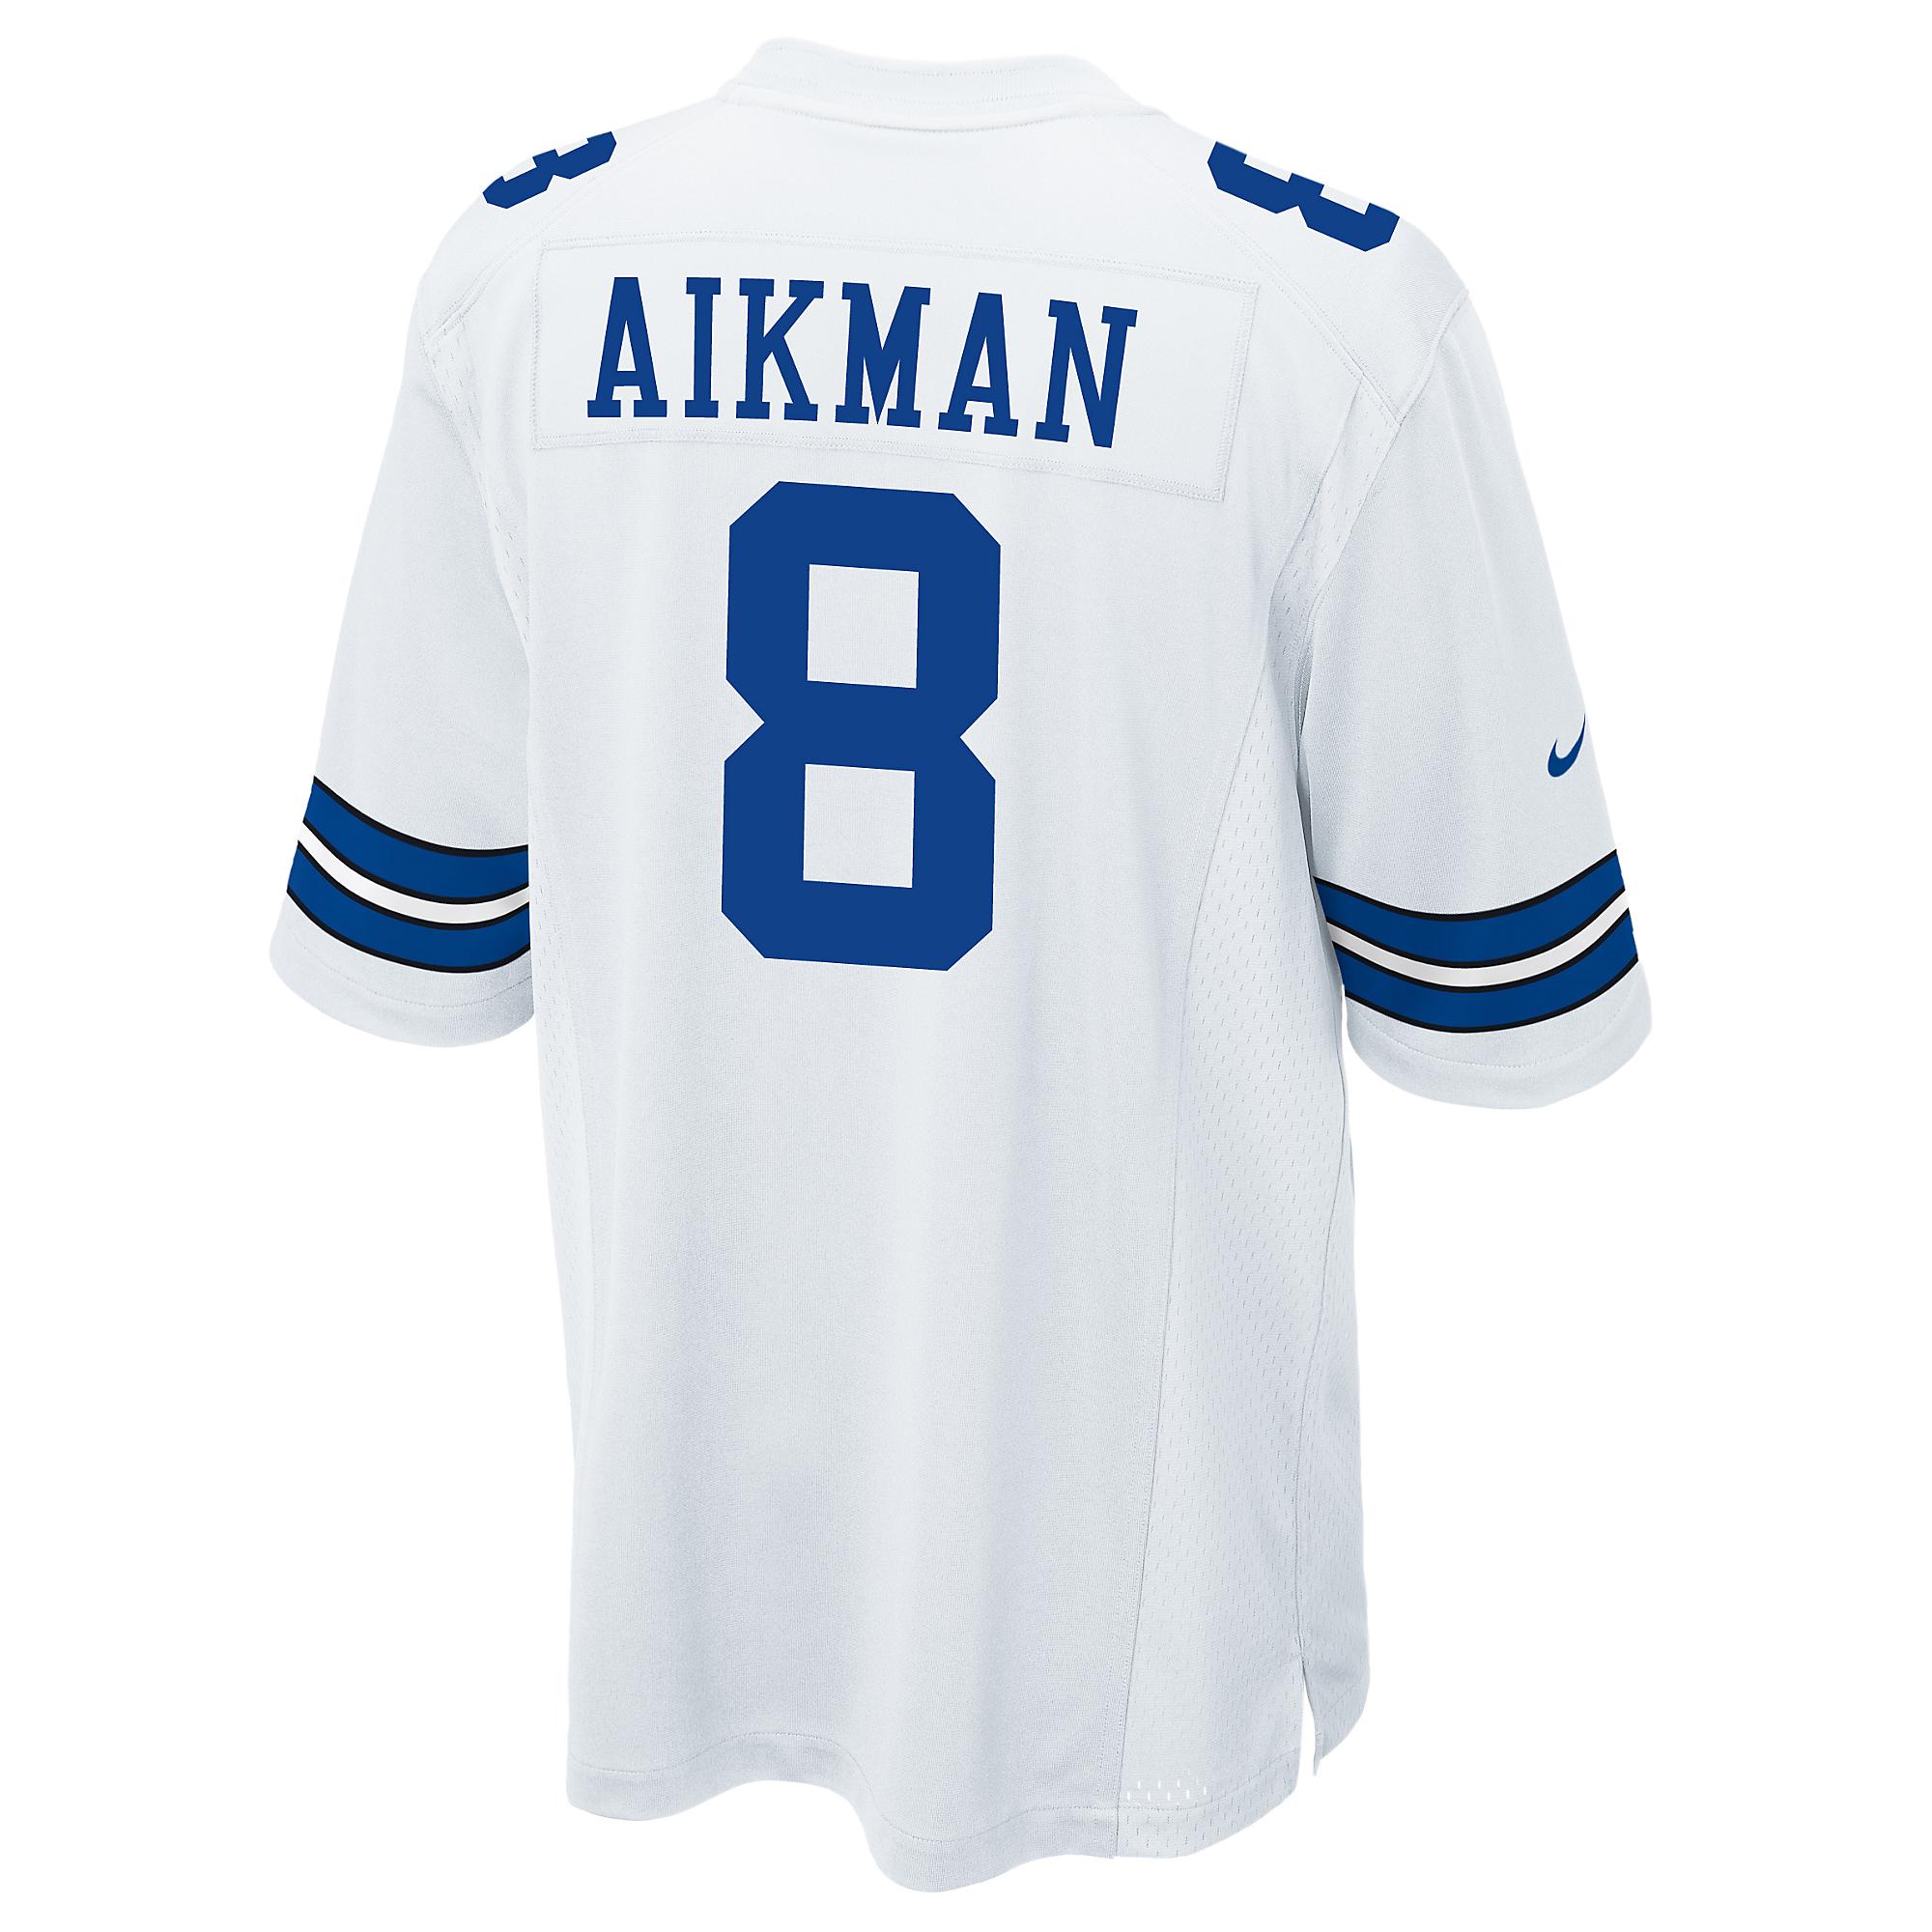 Dallas Cowboys Legend Troy Aikman Nike Game Replica Jersey 3XL 4XL